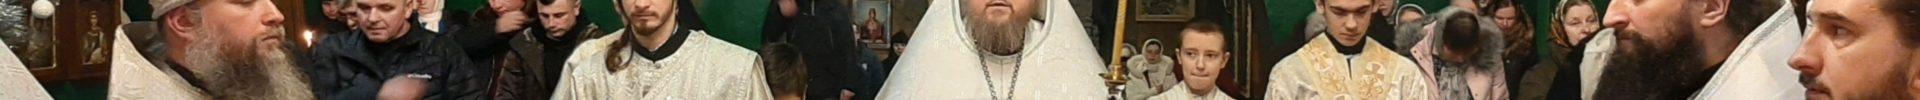 Обрізання Господня та день пам'яті святителя Василія Великого